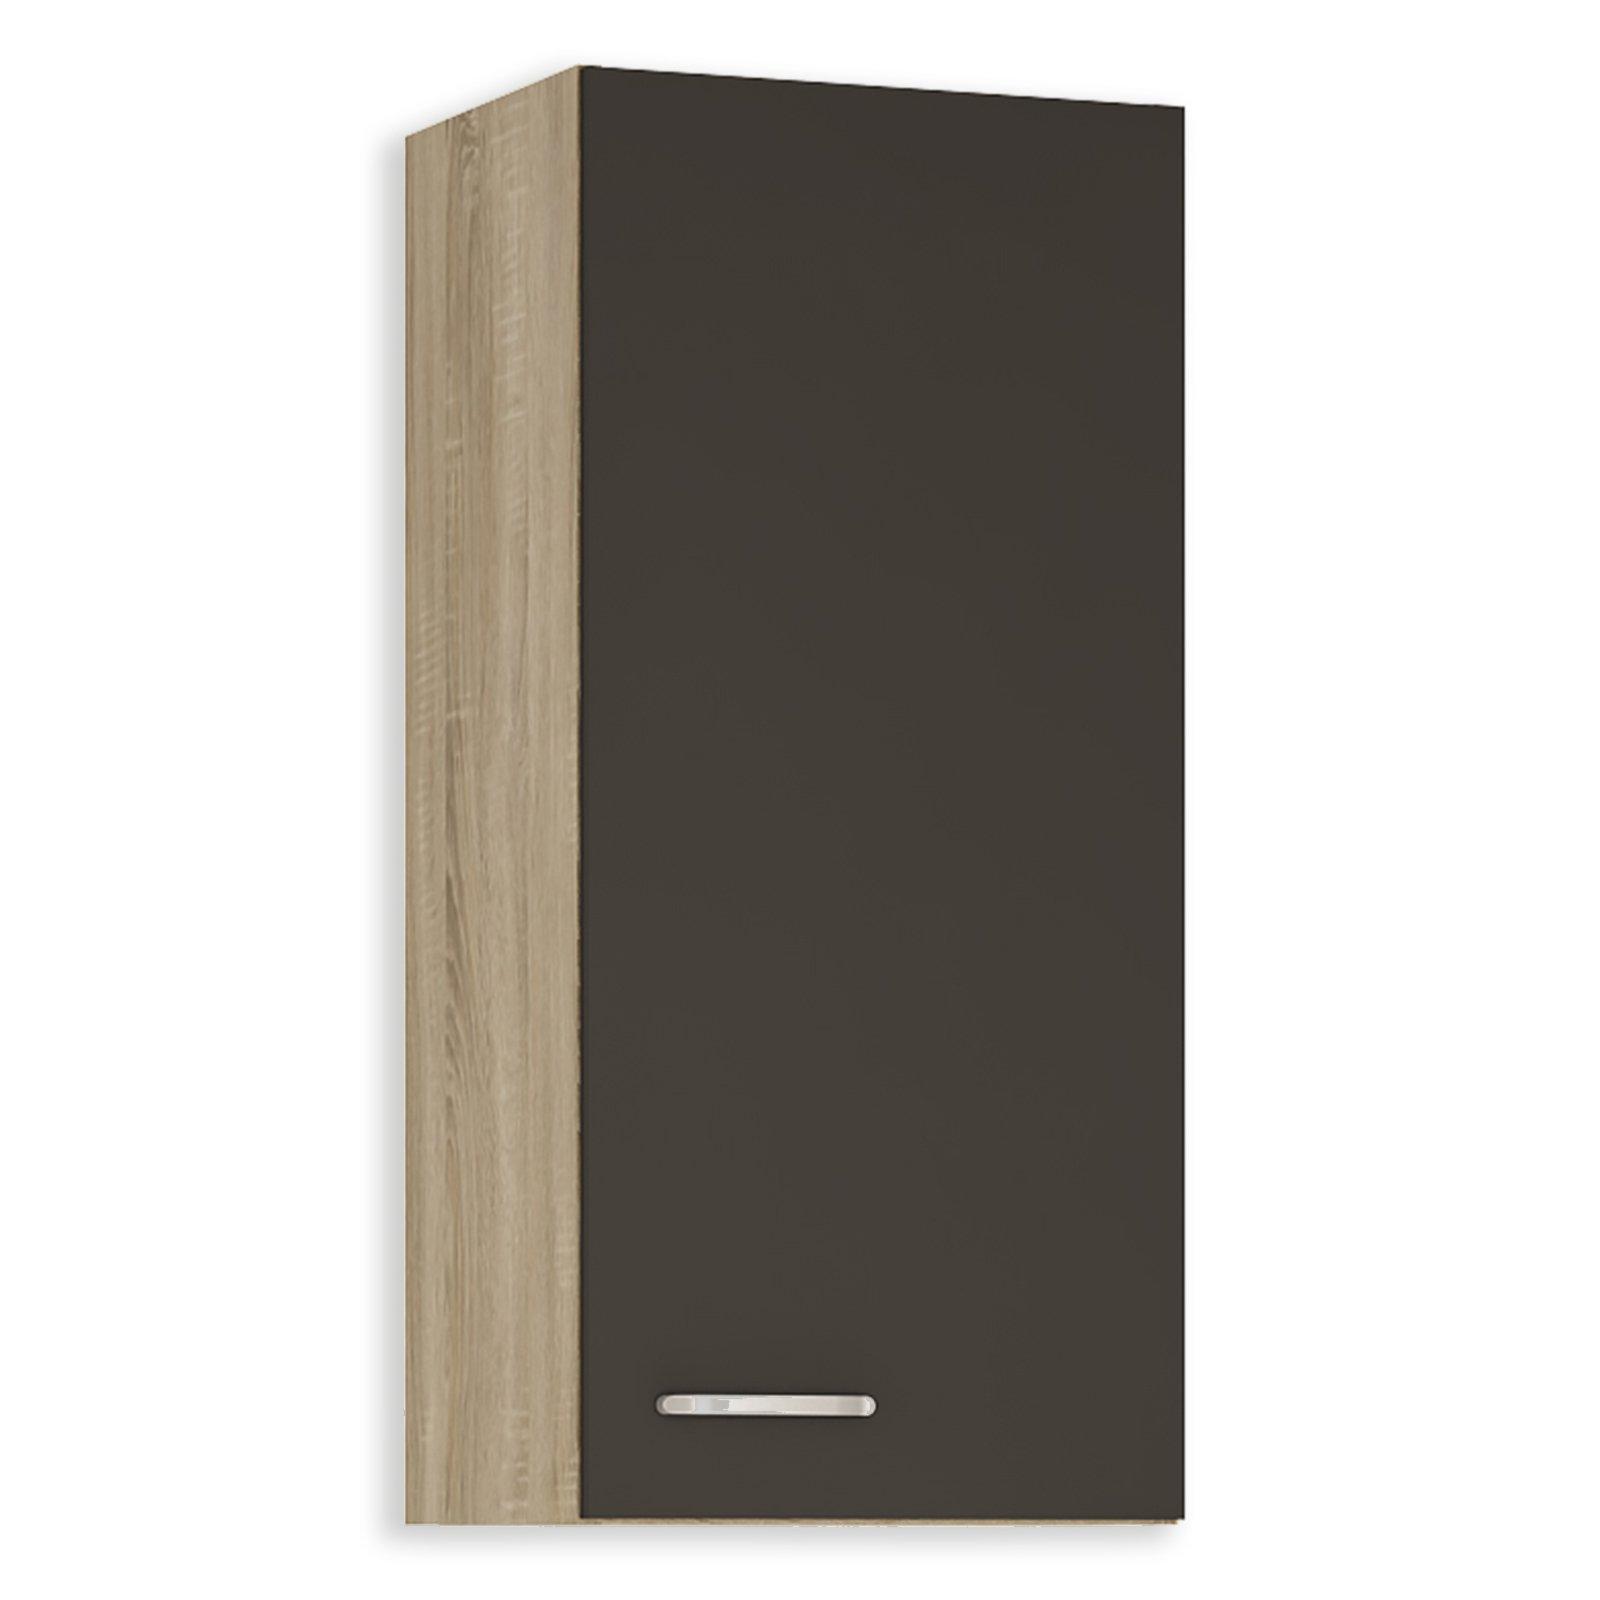 oberschrank fox anthrazit sonoma eiche 40x89 cm. Black Bedroom Furniture Sets. Home Design Ideas